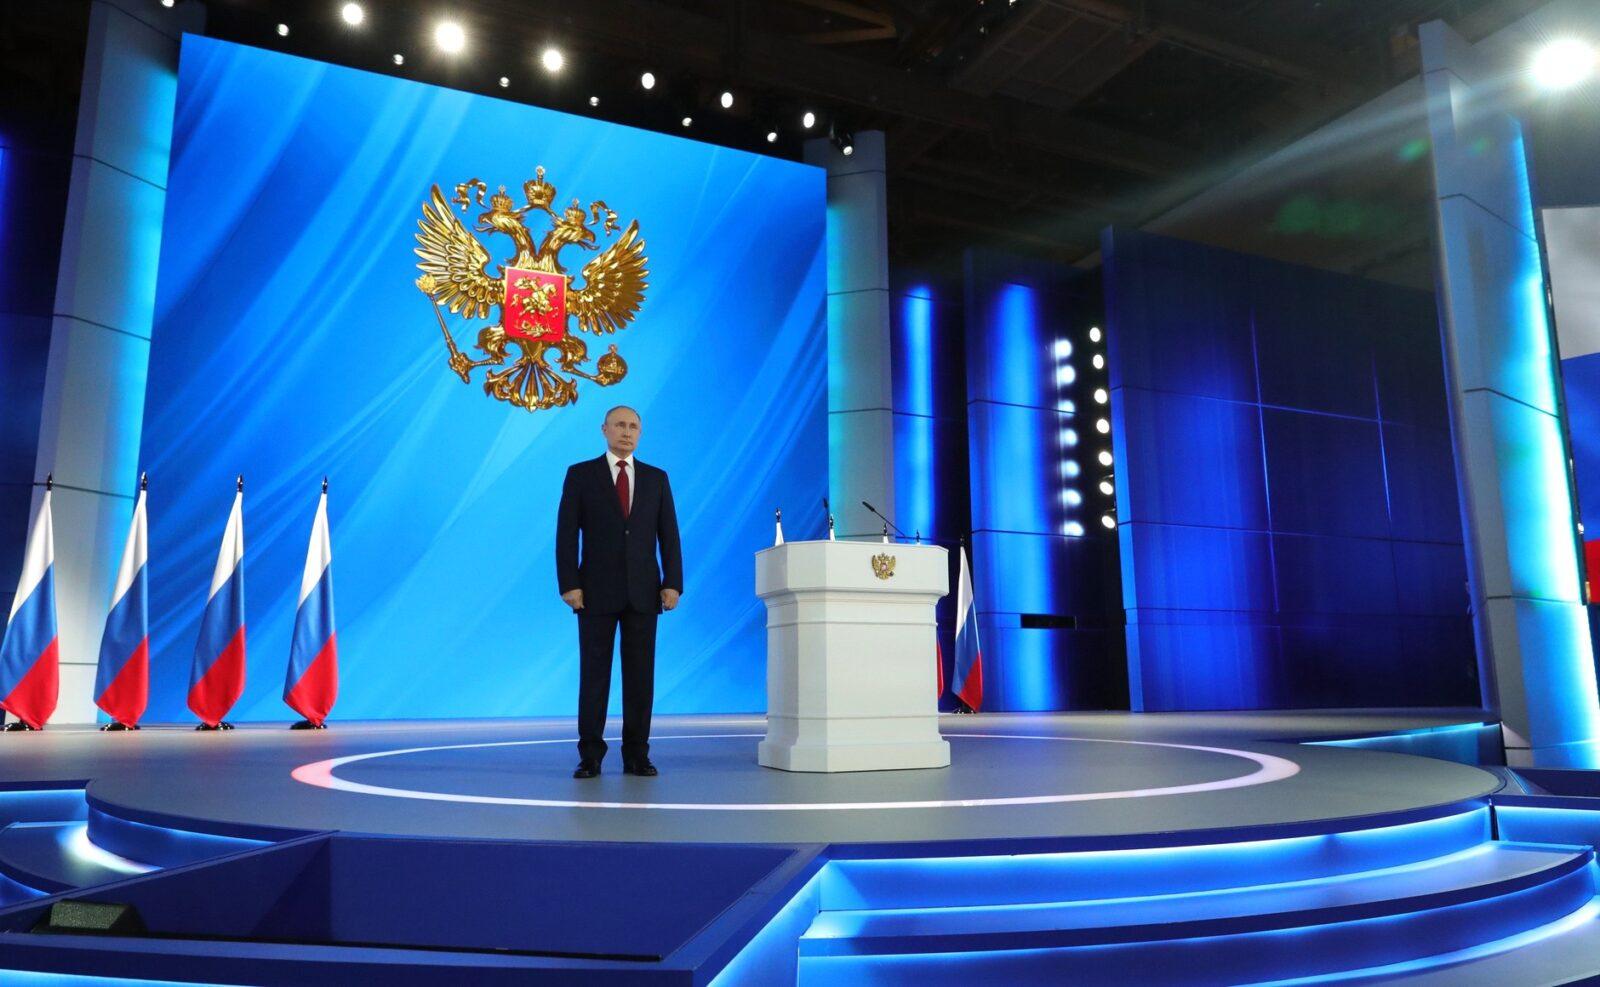 Путин выступит перед Федеральным собранием 21 апреля